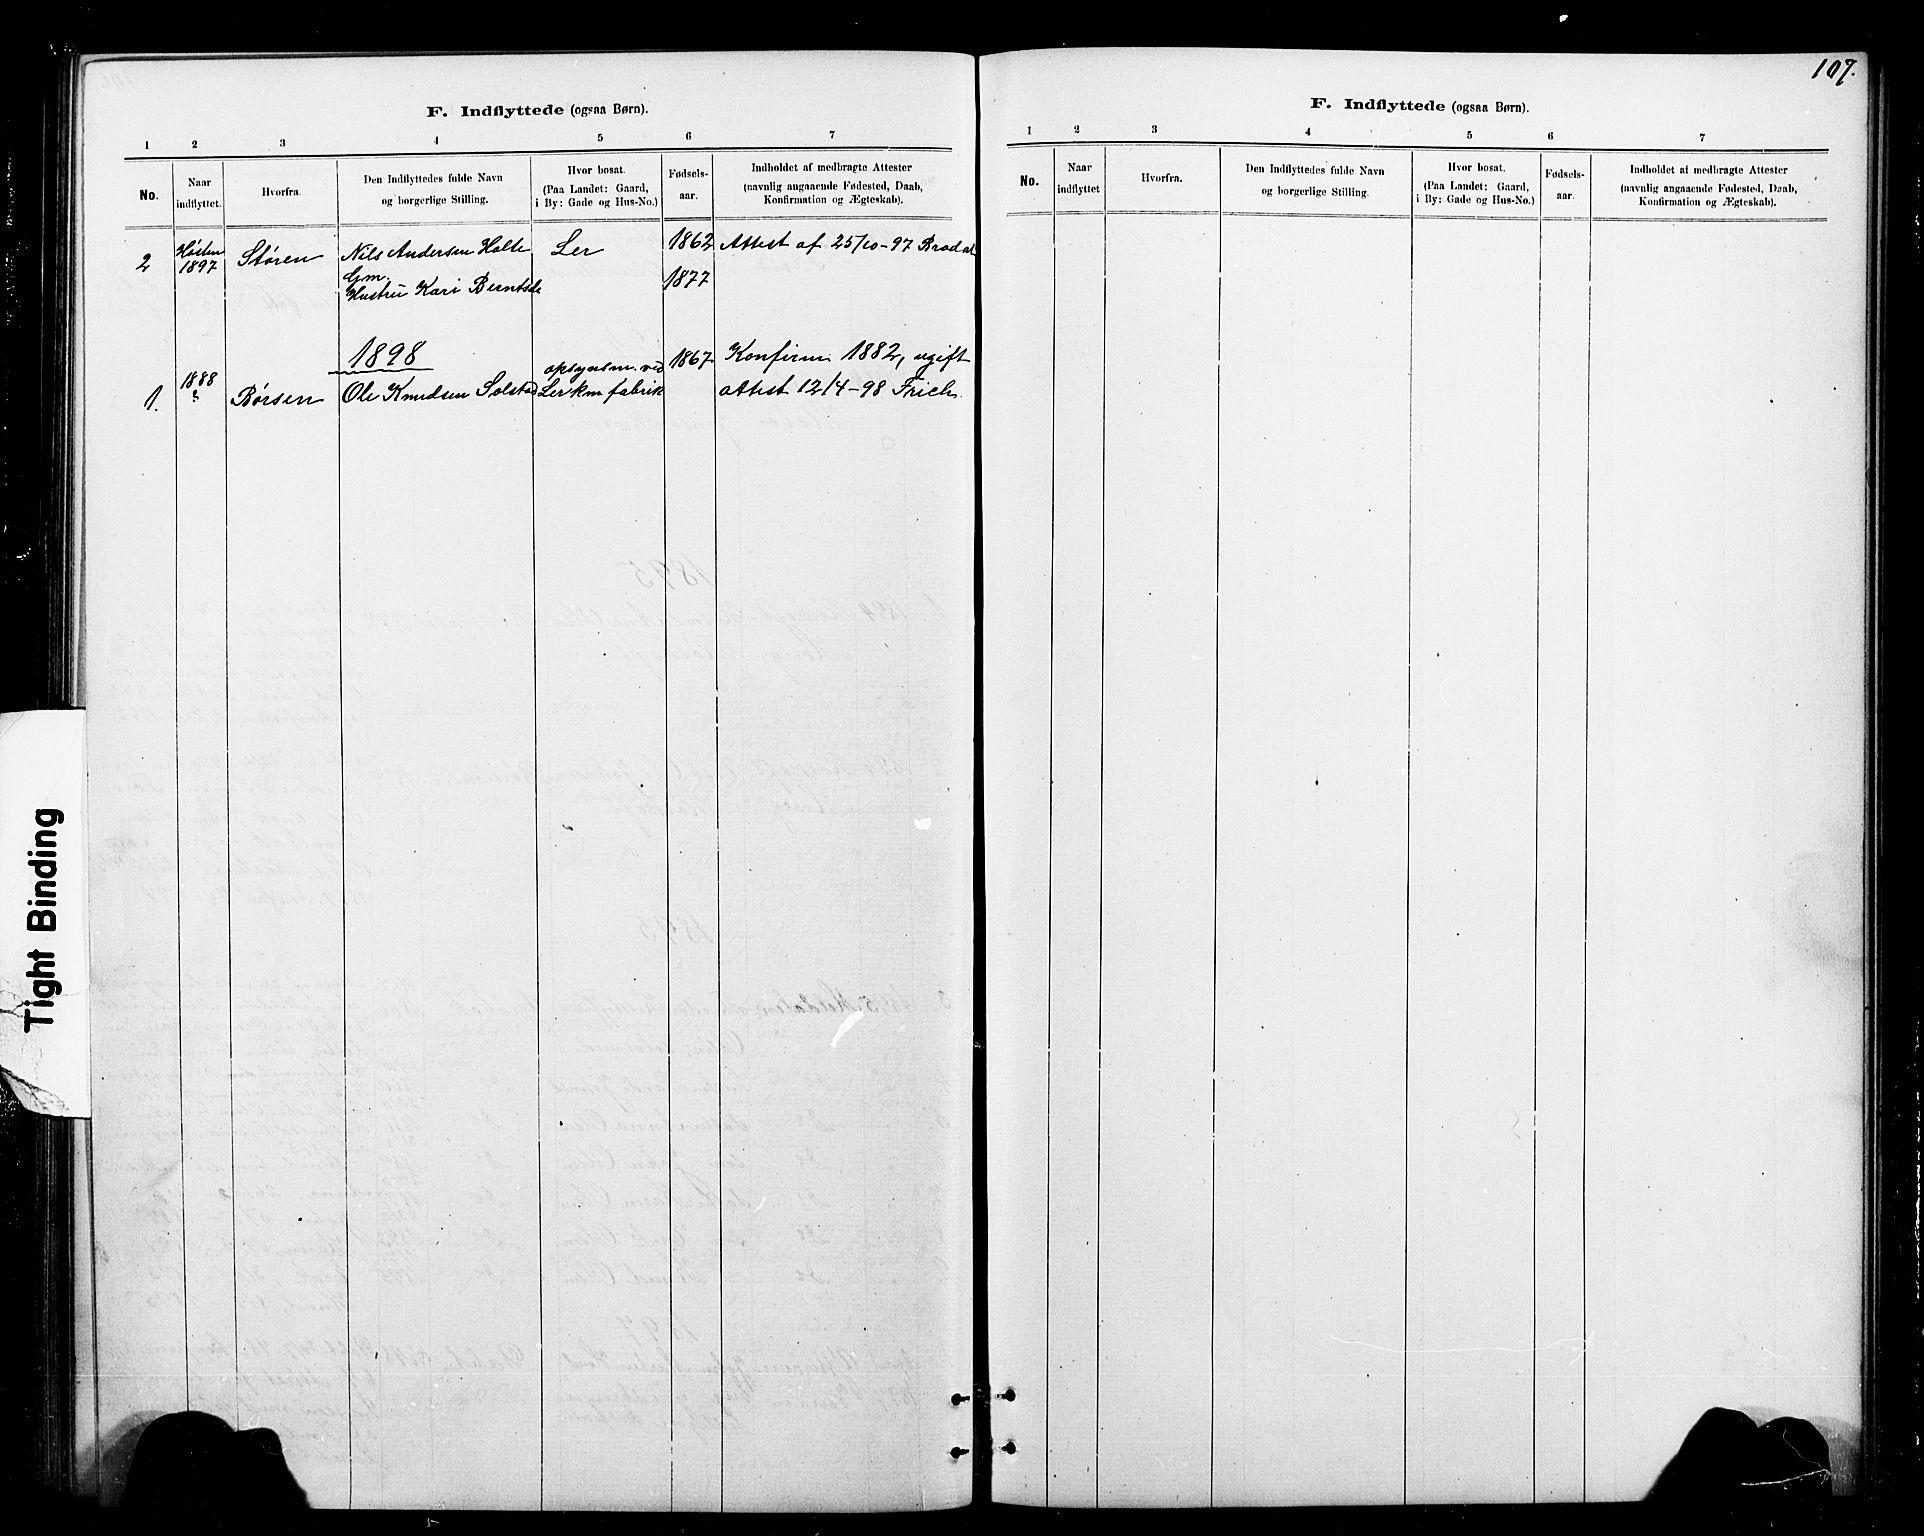 SAT, Ministerialprotokoller, klokkerbøker og fødselsregistre - Sør-Trøndelag, 693/L1123: Klokkerbok nr. 693C04, 1887-1910, s. 107